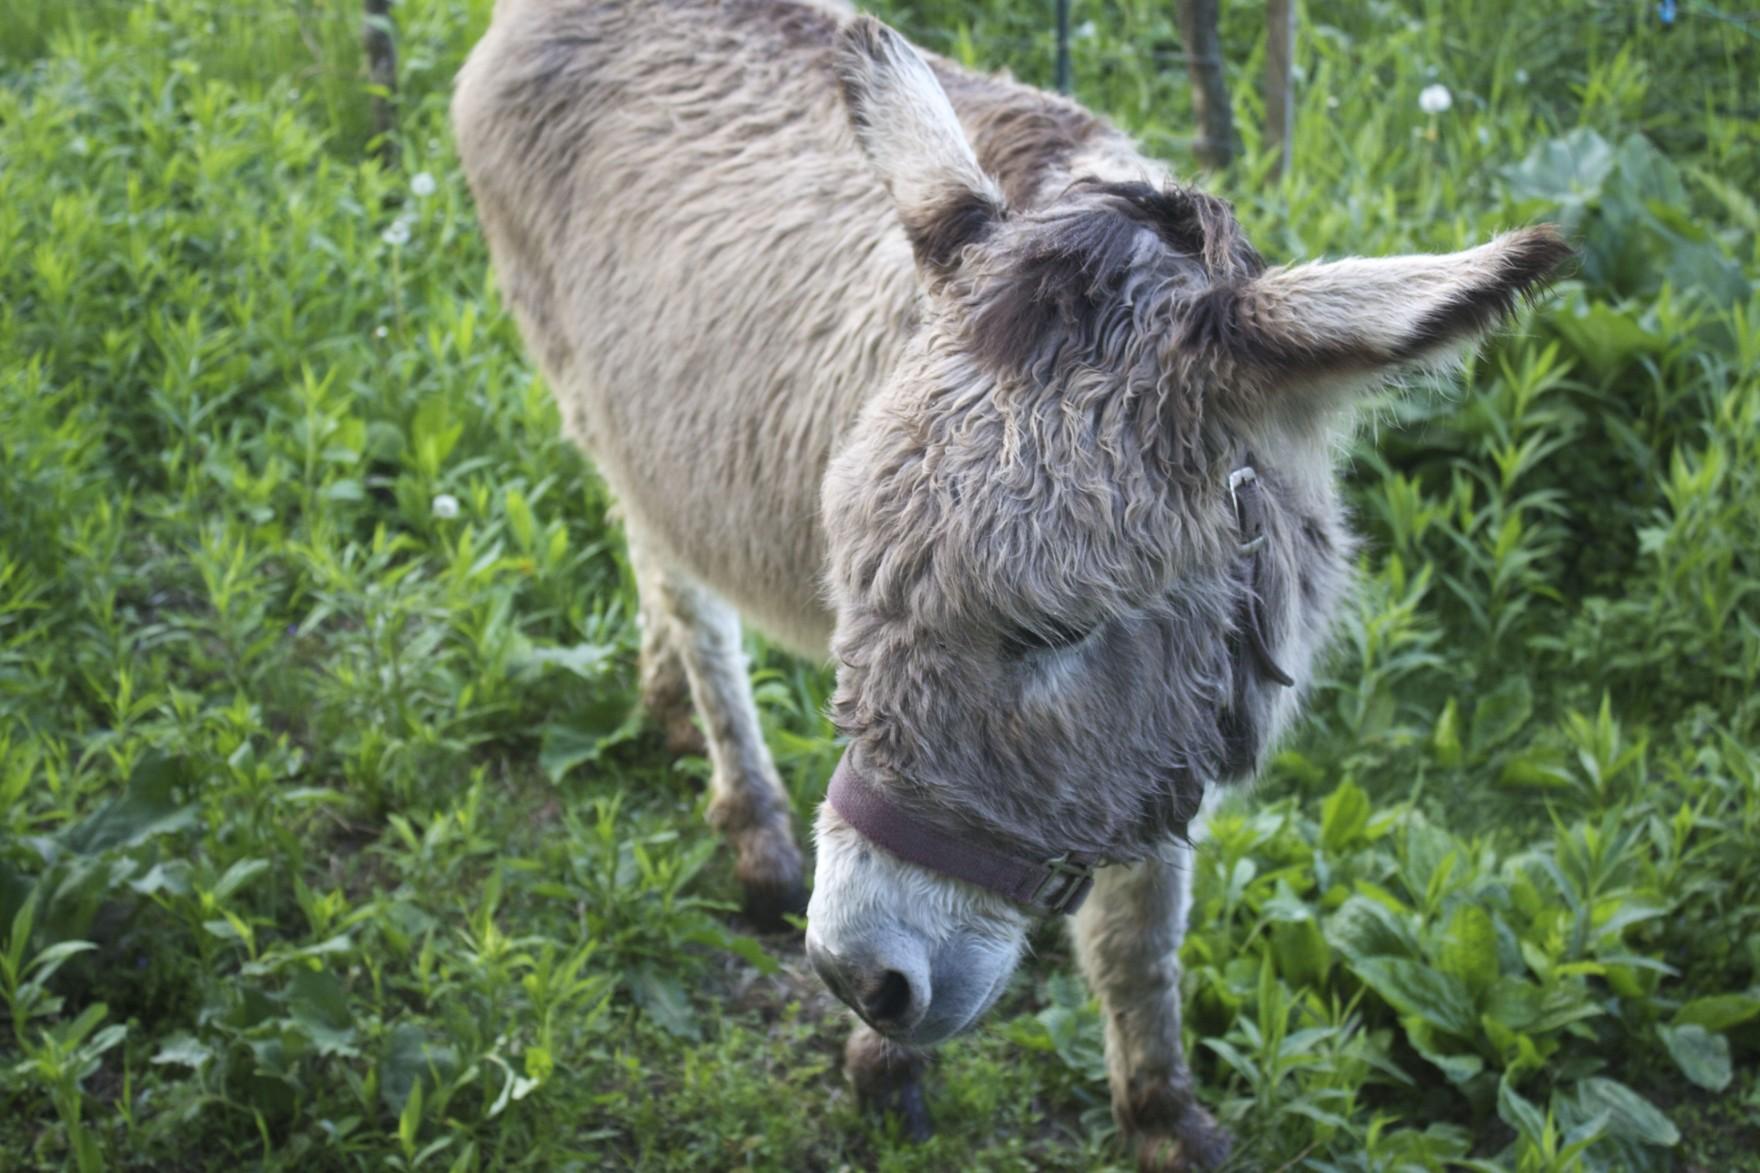 The Bored Vegetarian Donkey